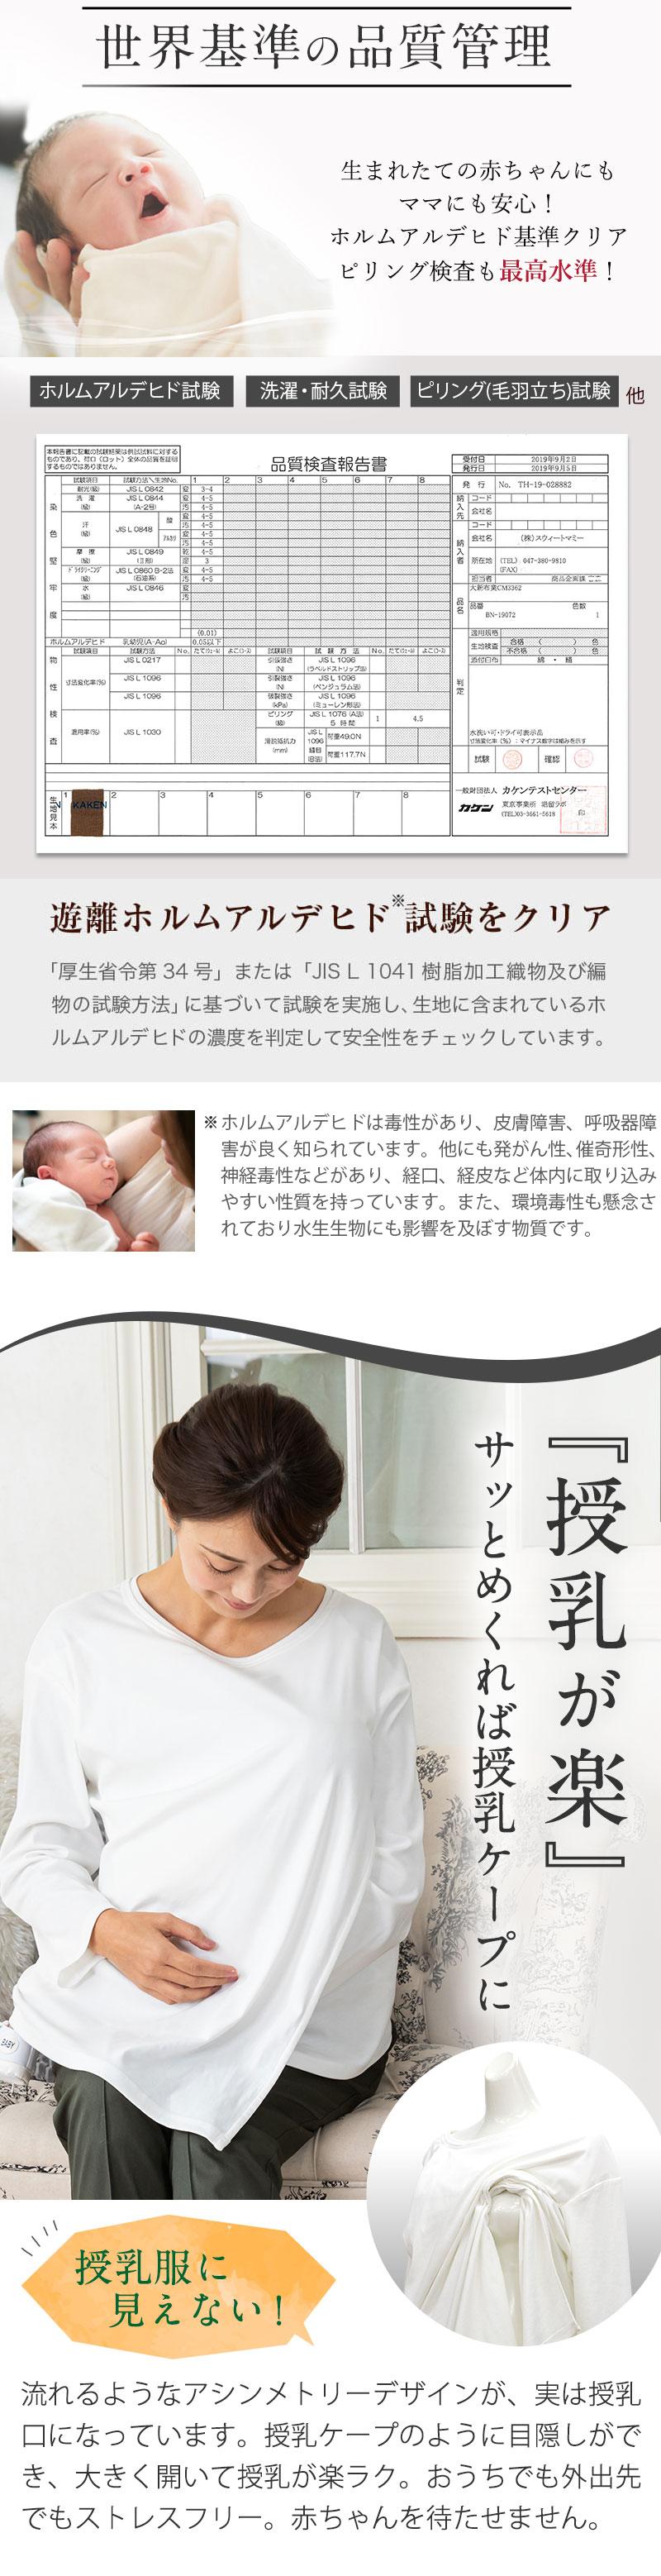 授乳服 マタニティウェア トップス 授乳ケープ機能性